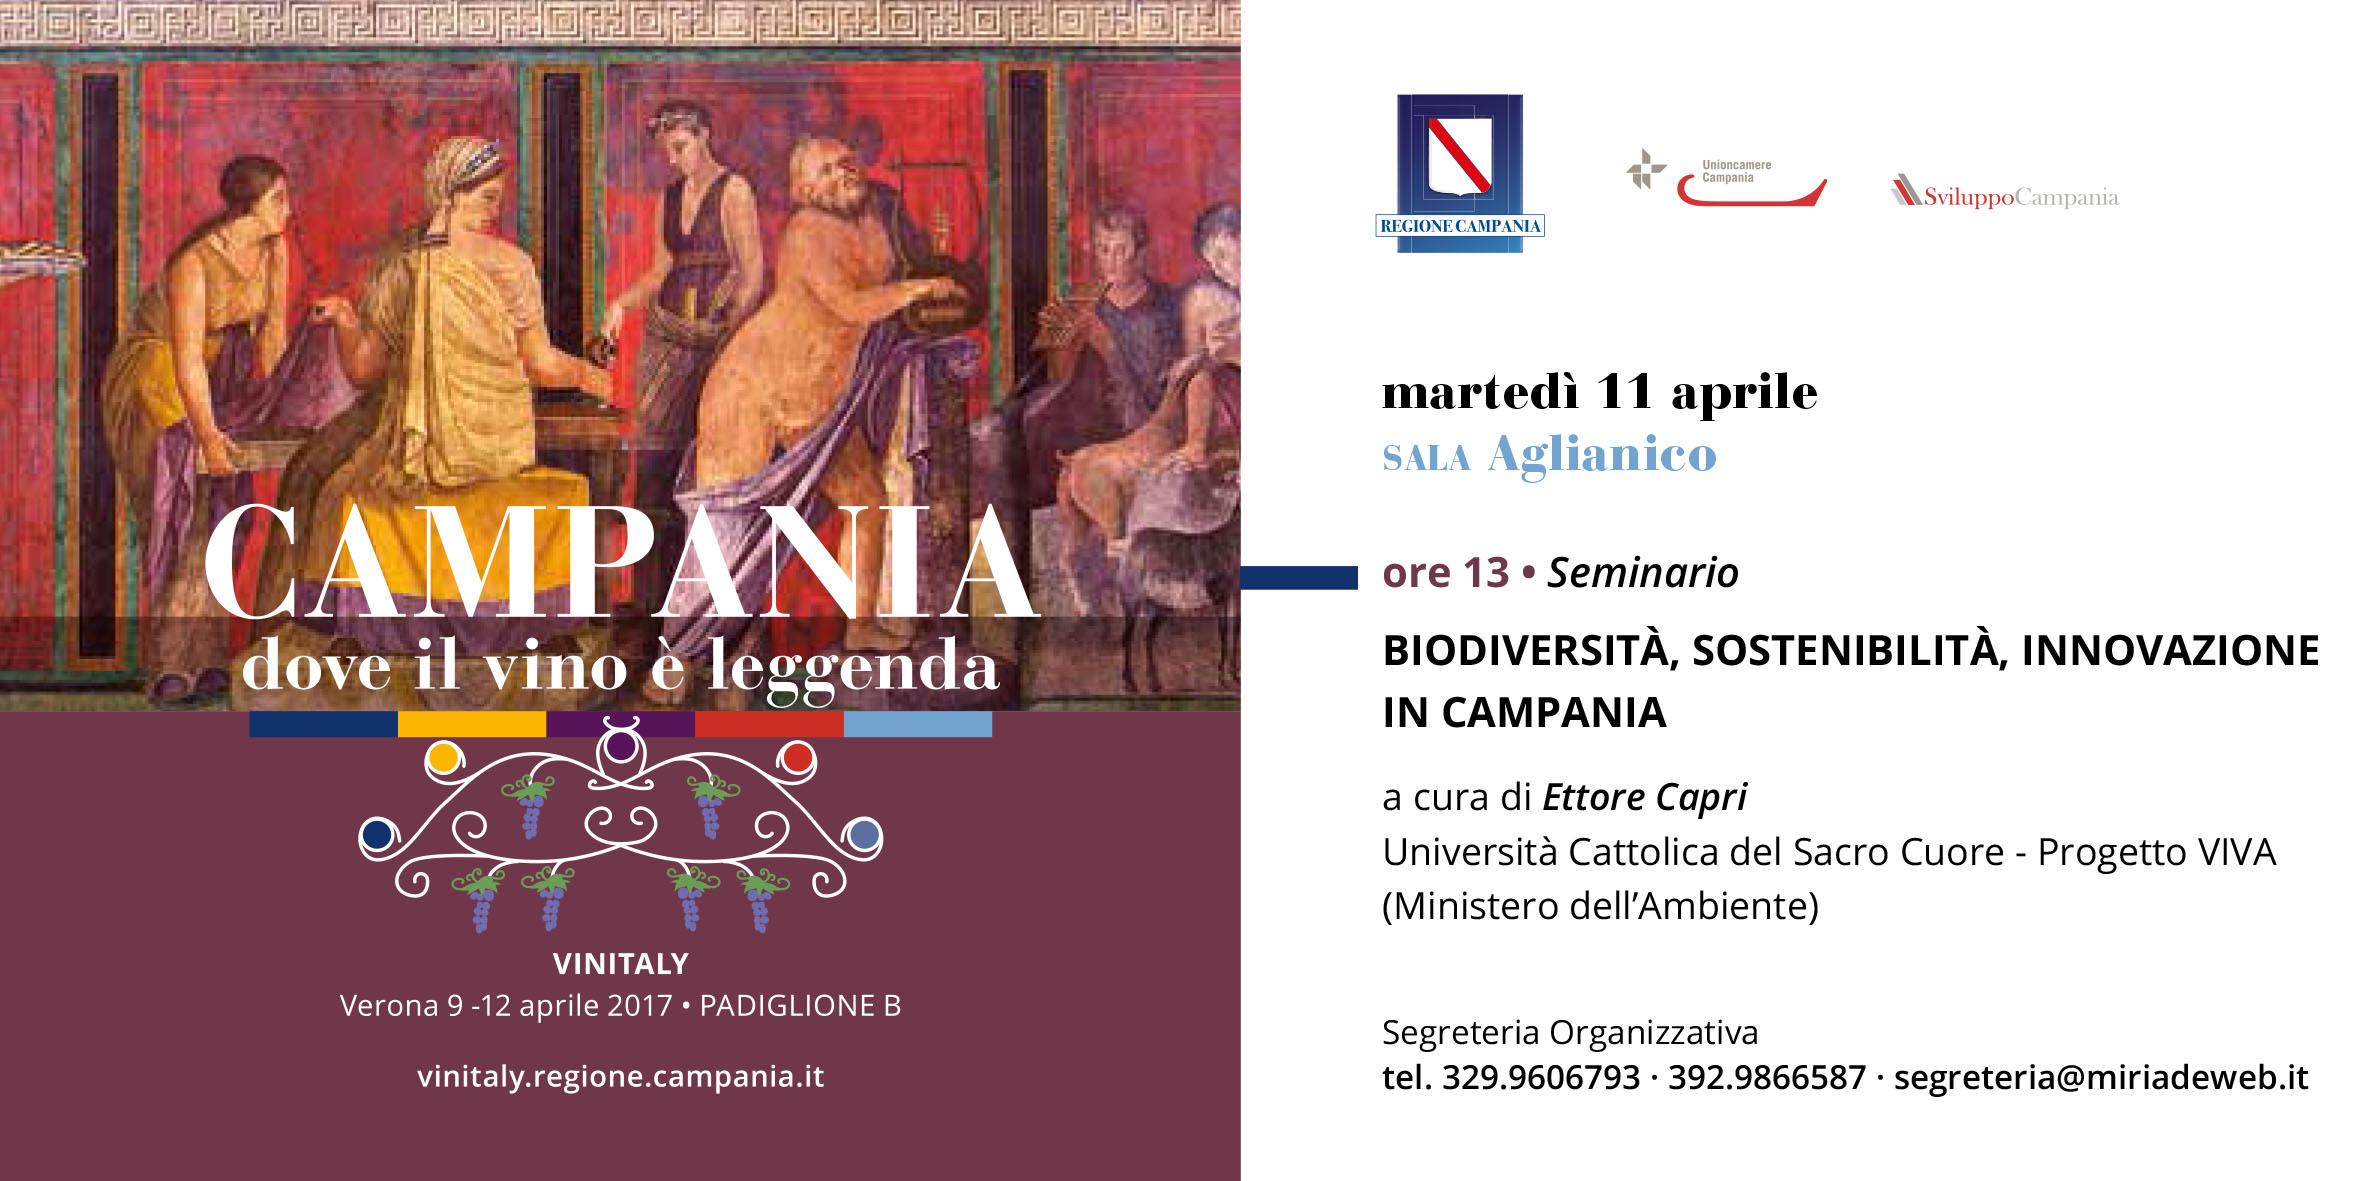 VINITALY invito seminario Capri